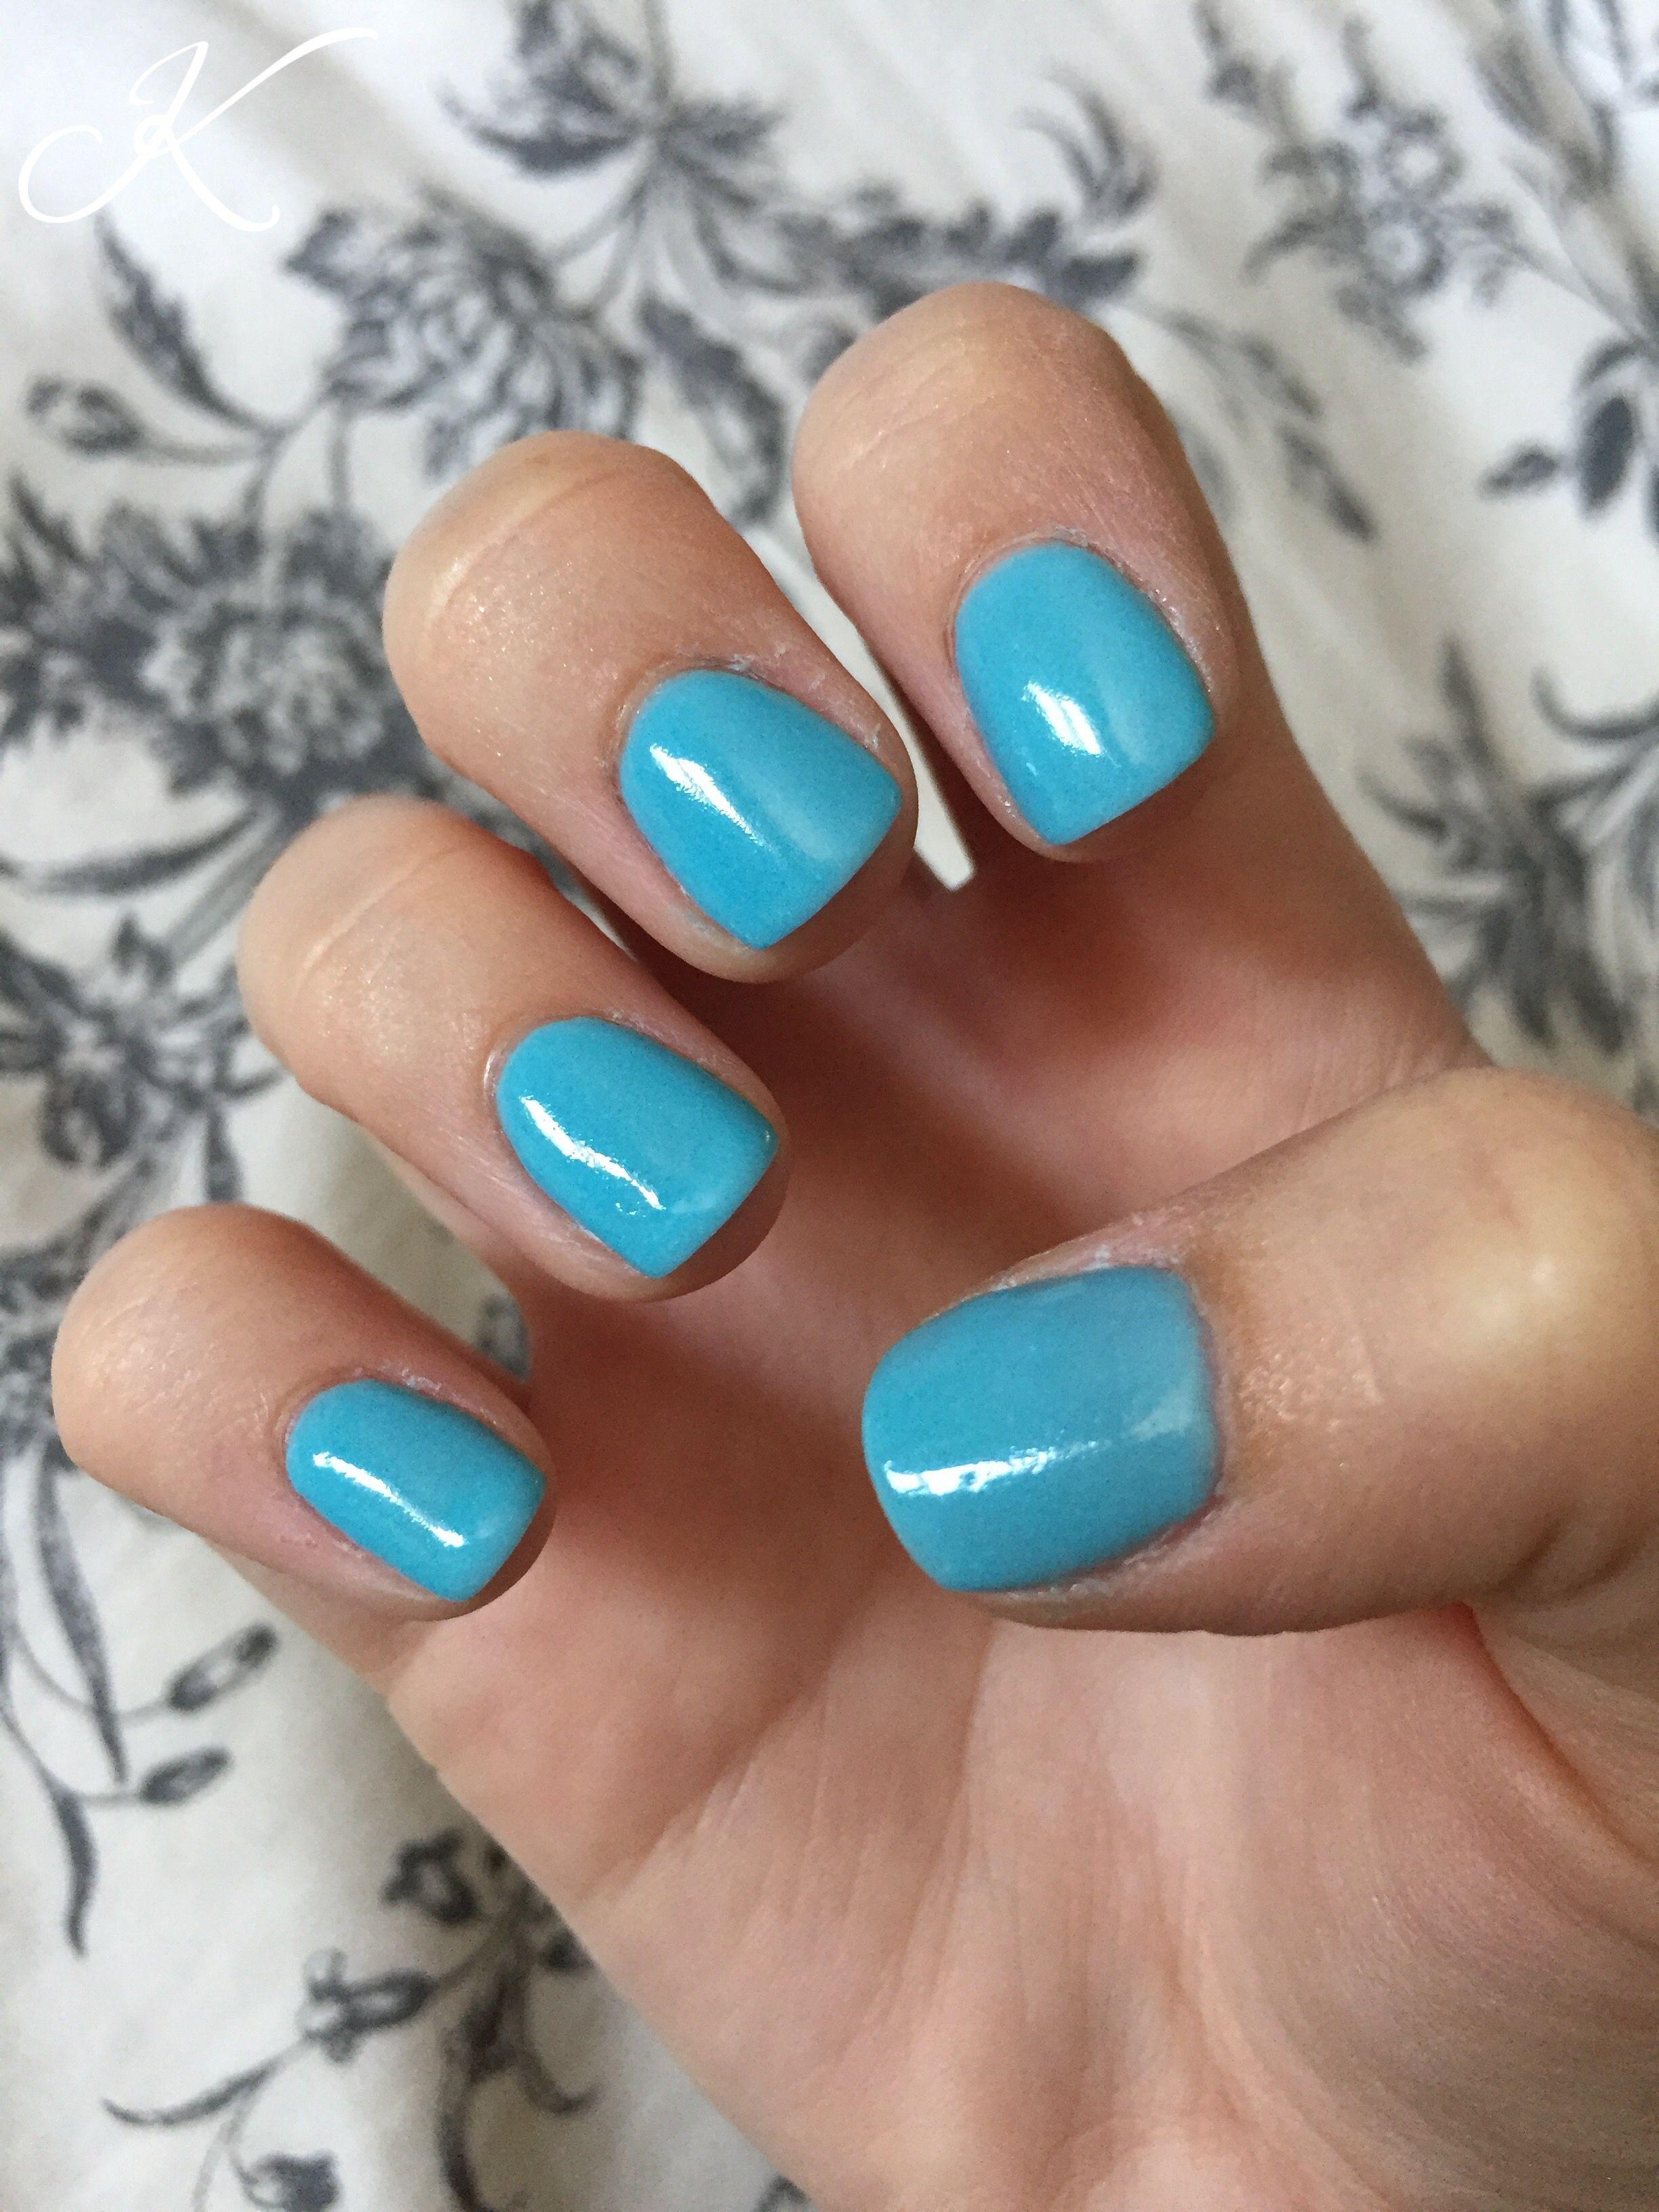 Revel Dip Powder Color: Playful | SNS nails | Pinterest